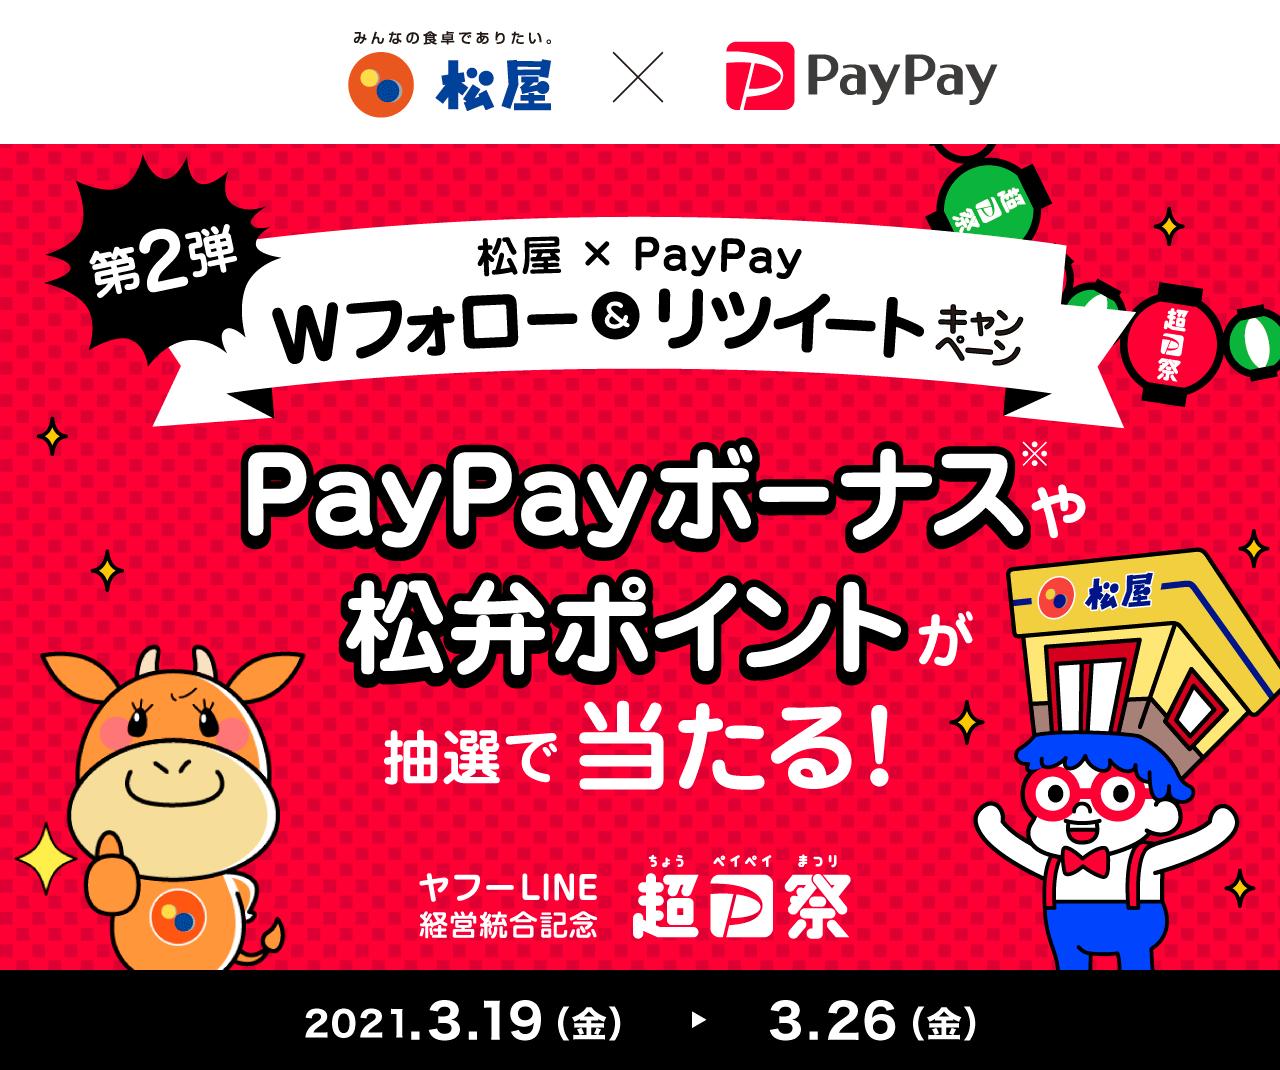 松屋×PayPay Wフォロー&リツイートキャンペーン PayPayボーナスや松弁ポイントが抽選で当たる!